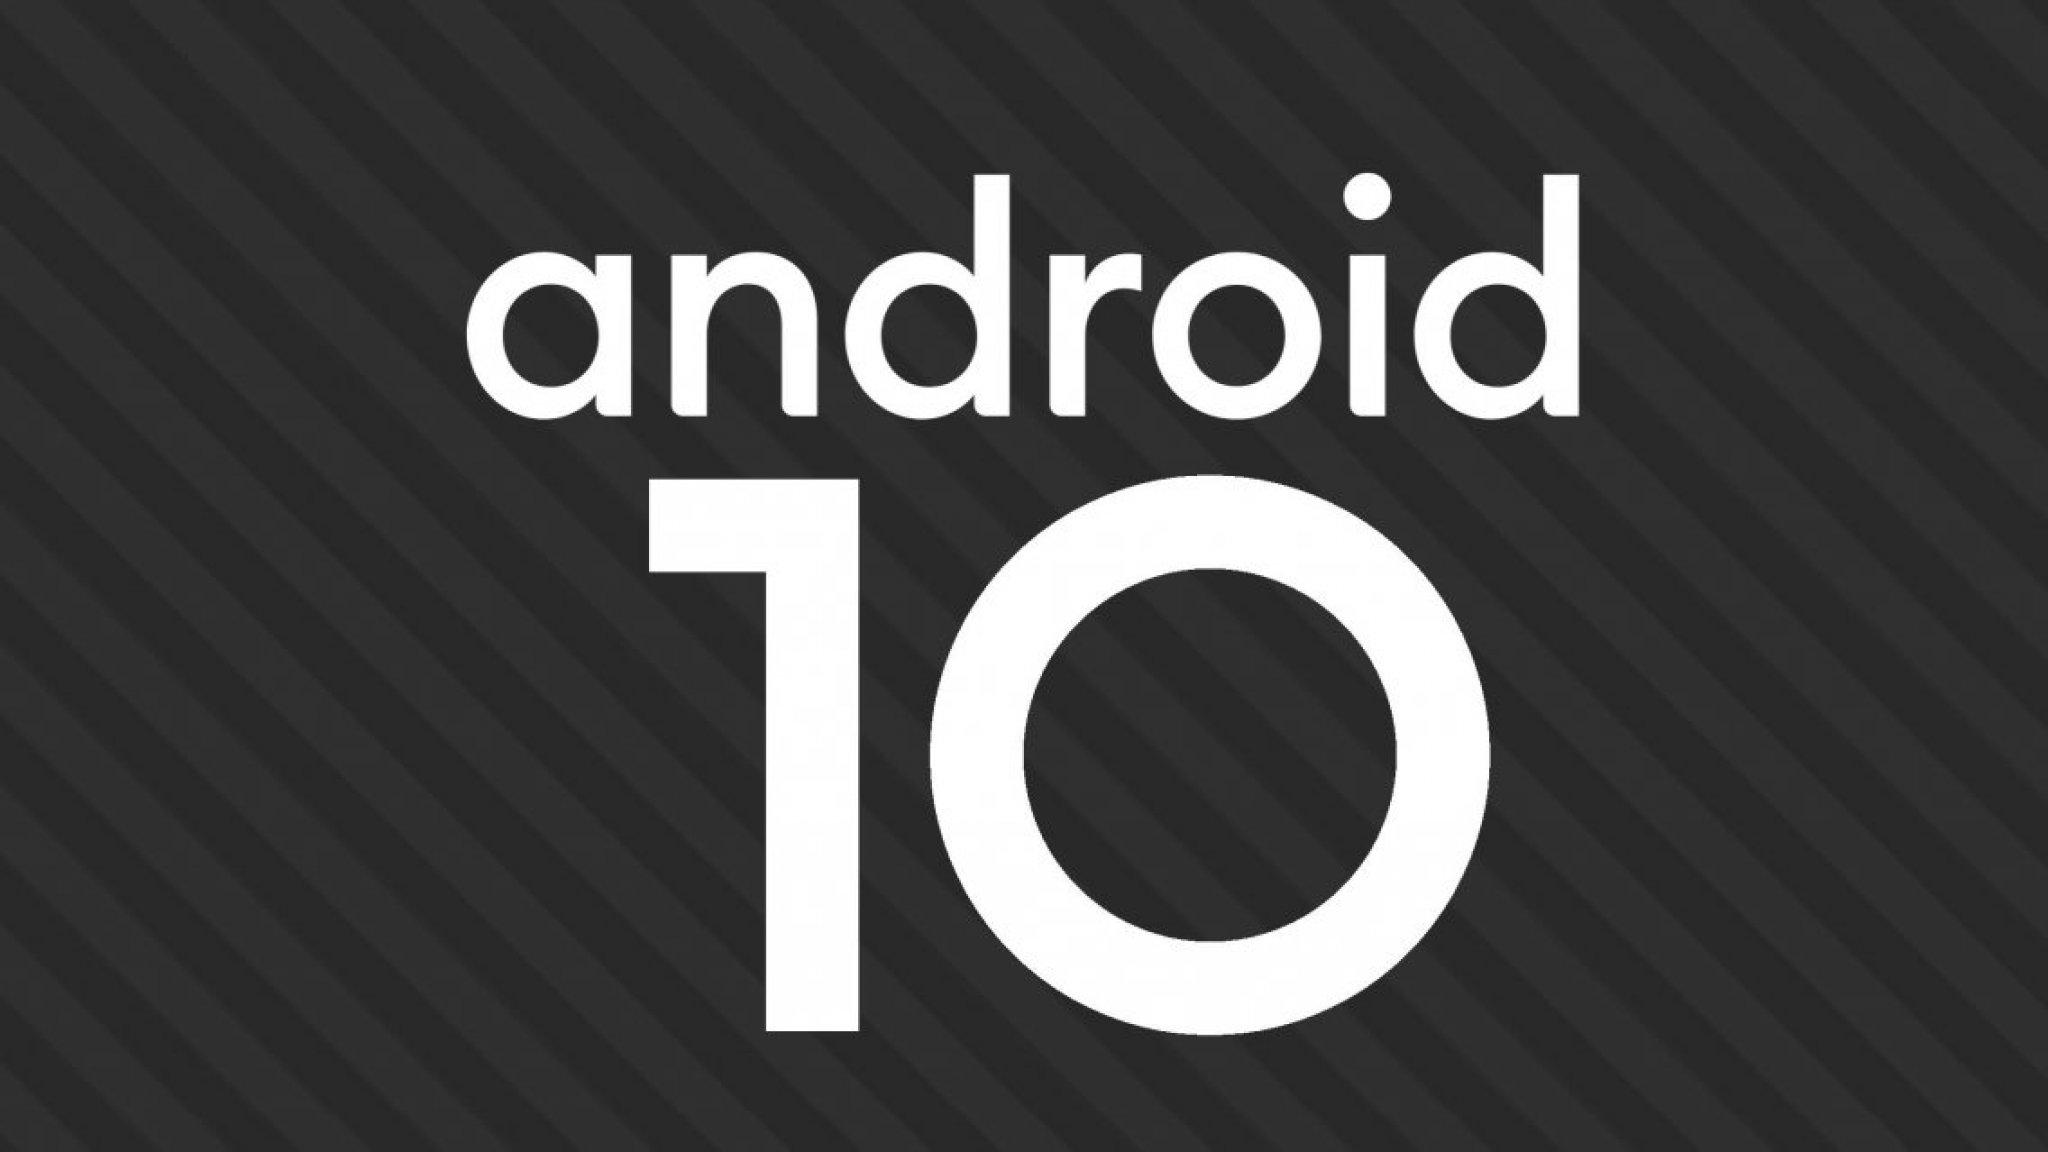 Krijgt jouw smartphone Android 10? Check dit overzicht | RTL Nieuws